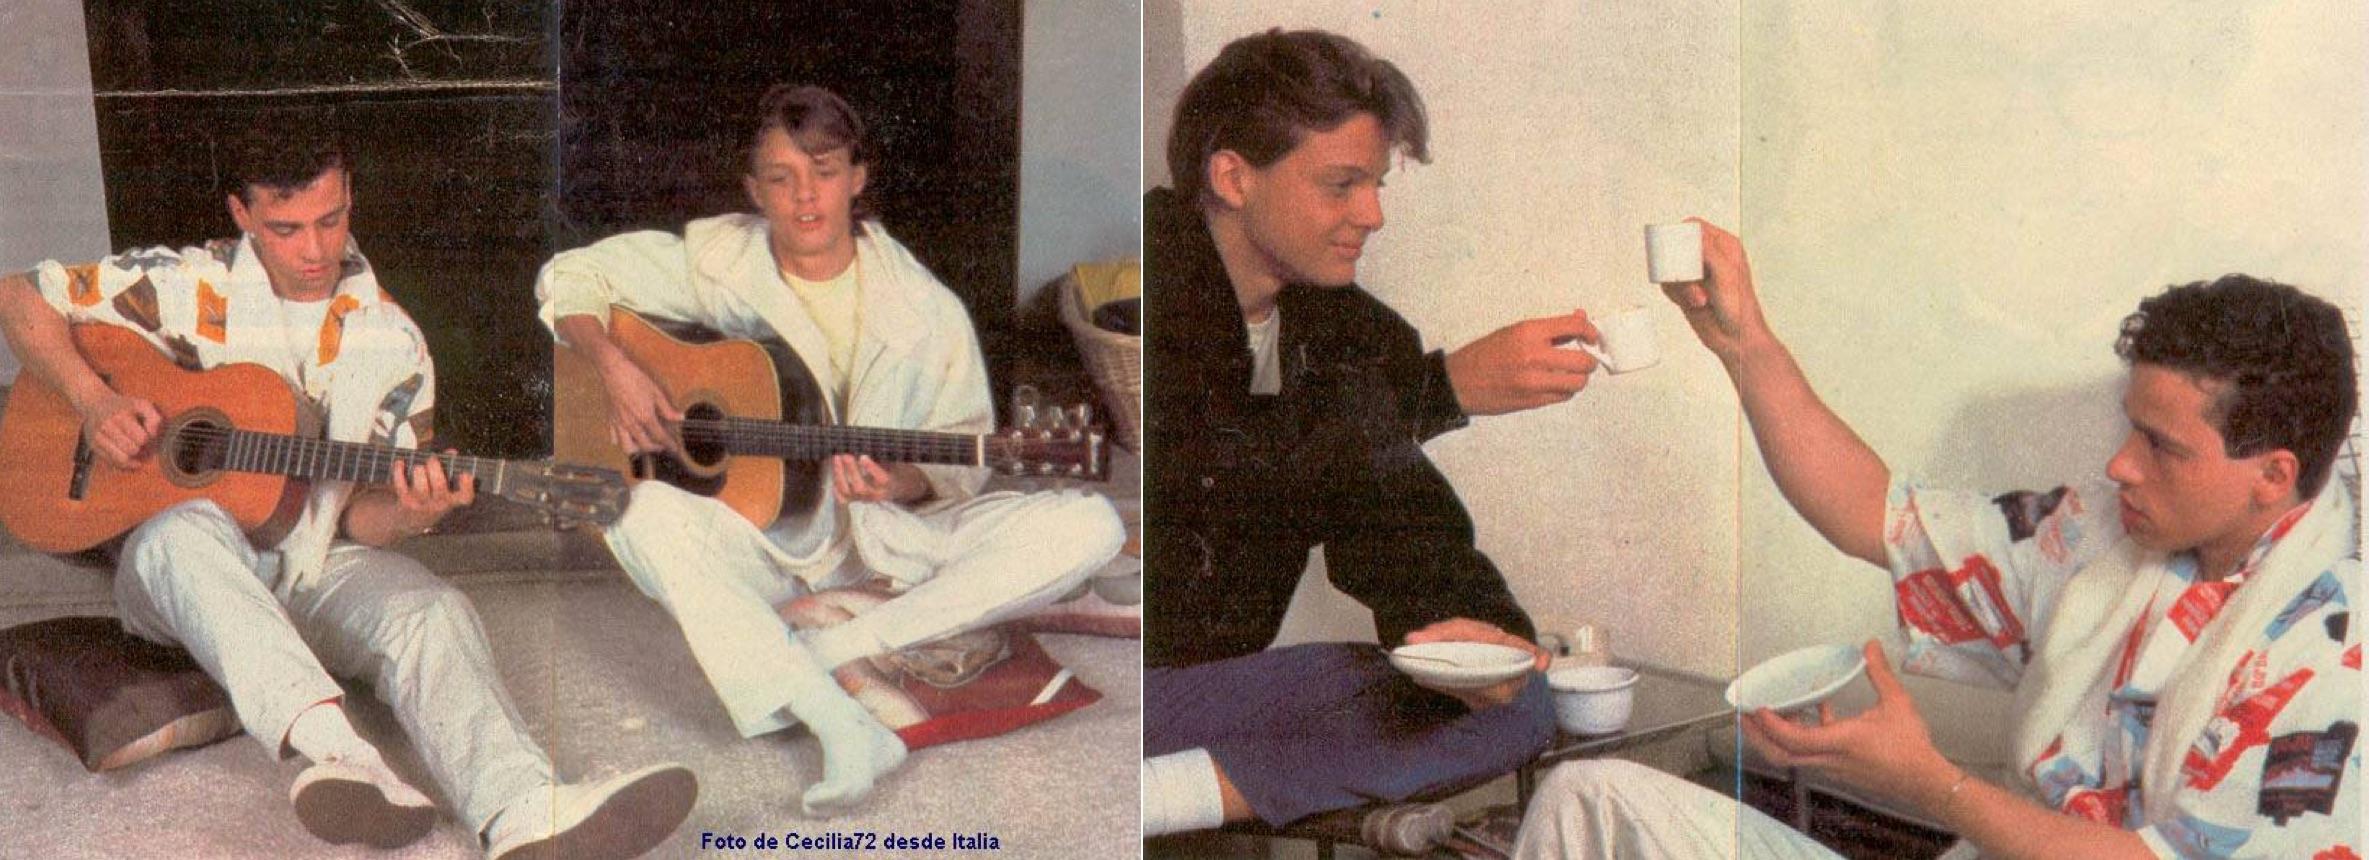 Luis Miguel y Eros Ramazzotti tocan la guitarra y beben café. (Revista TV Sorrisi e Canzoni, LuisMiguelSite.com)